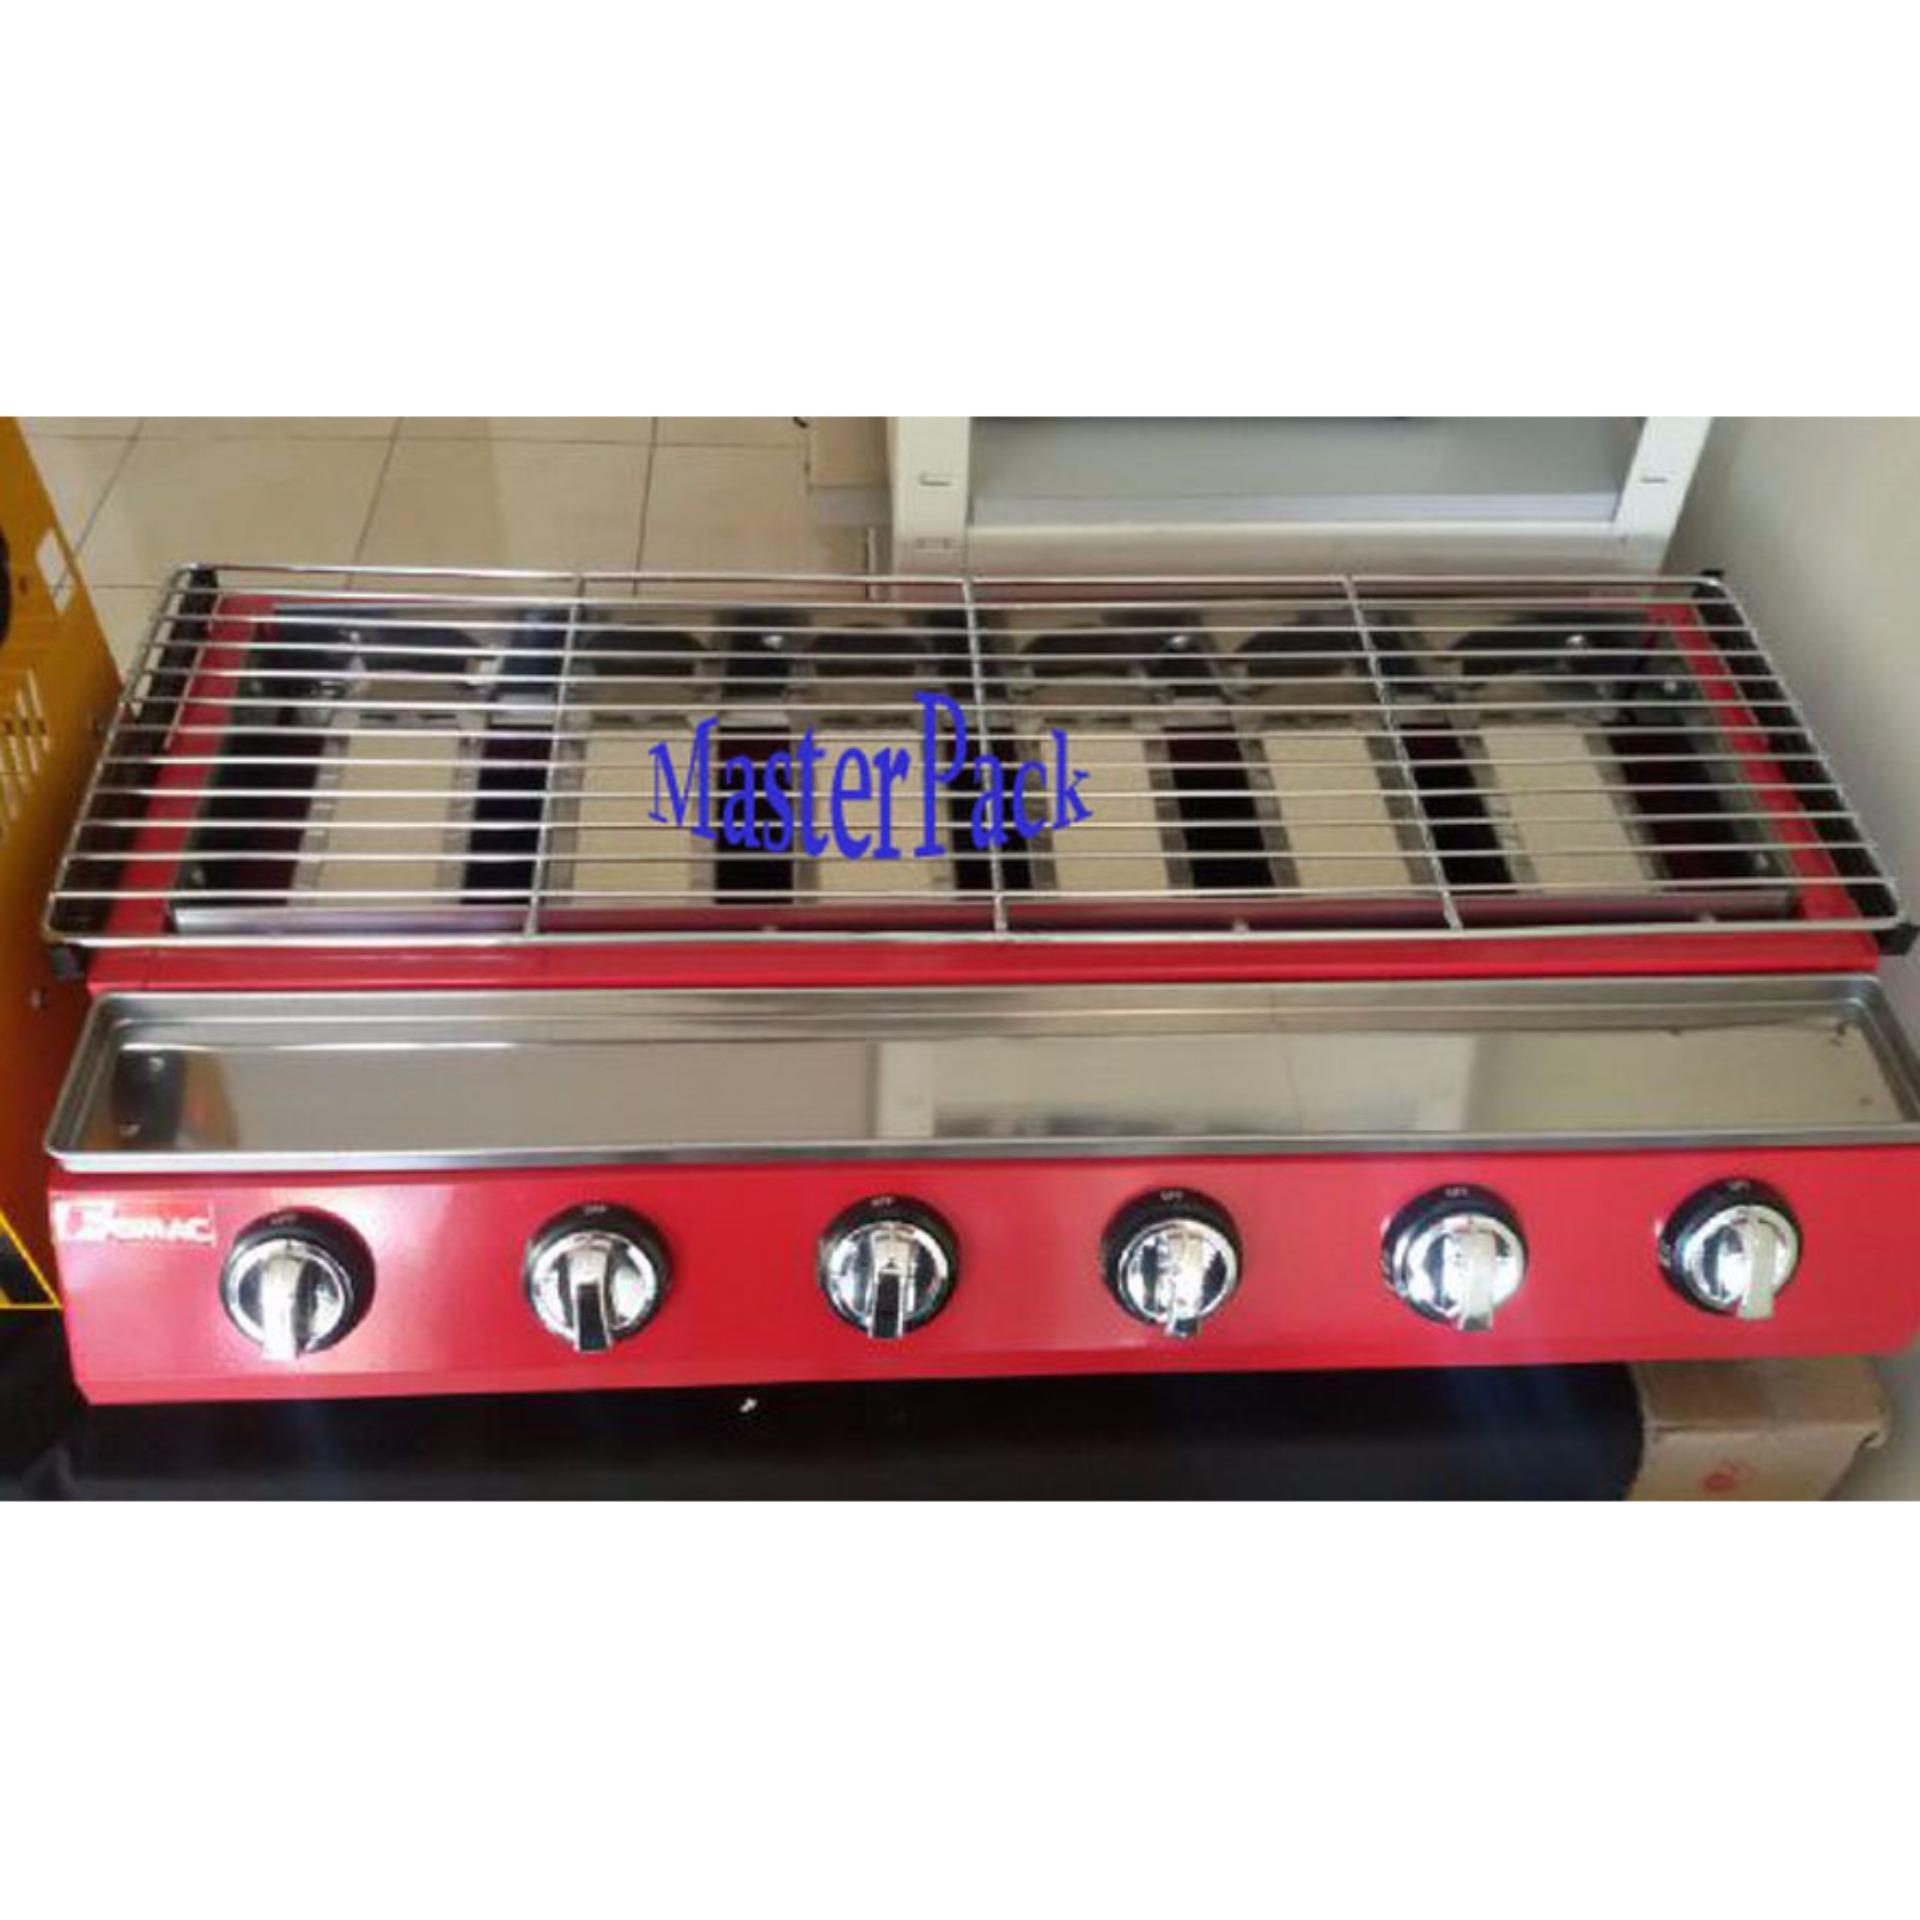 Fomac kompor panggangan tanpa asap 6 tungku ROS GK 233 (merah)